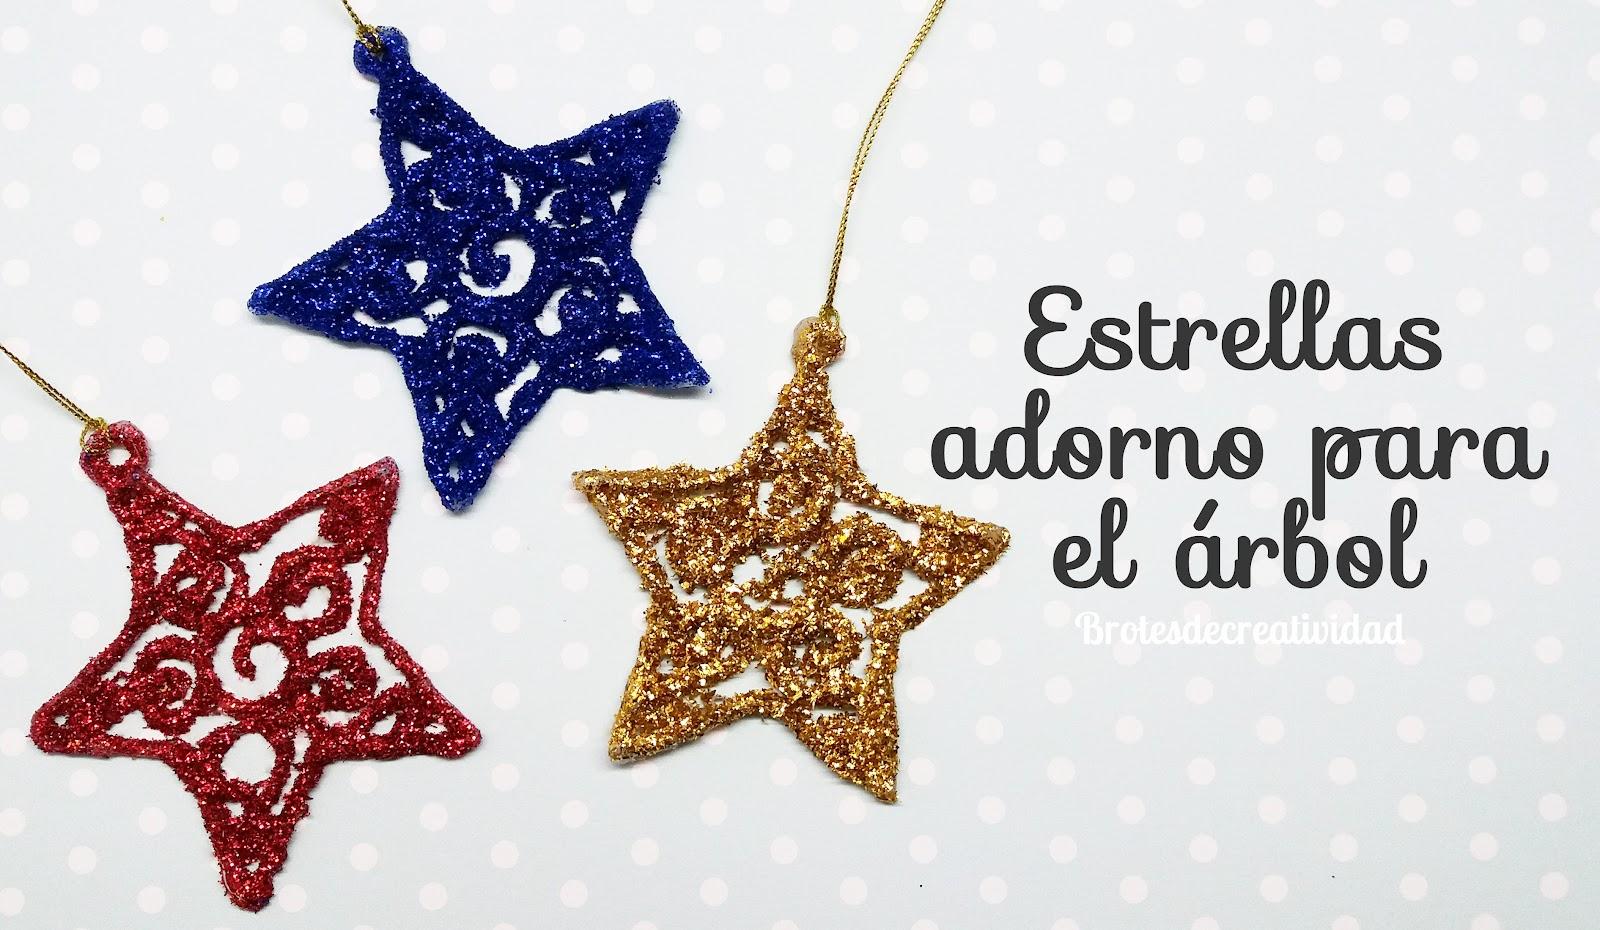 Brotes de creatividad for Adornos navidenos para el arbol